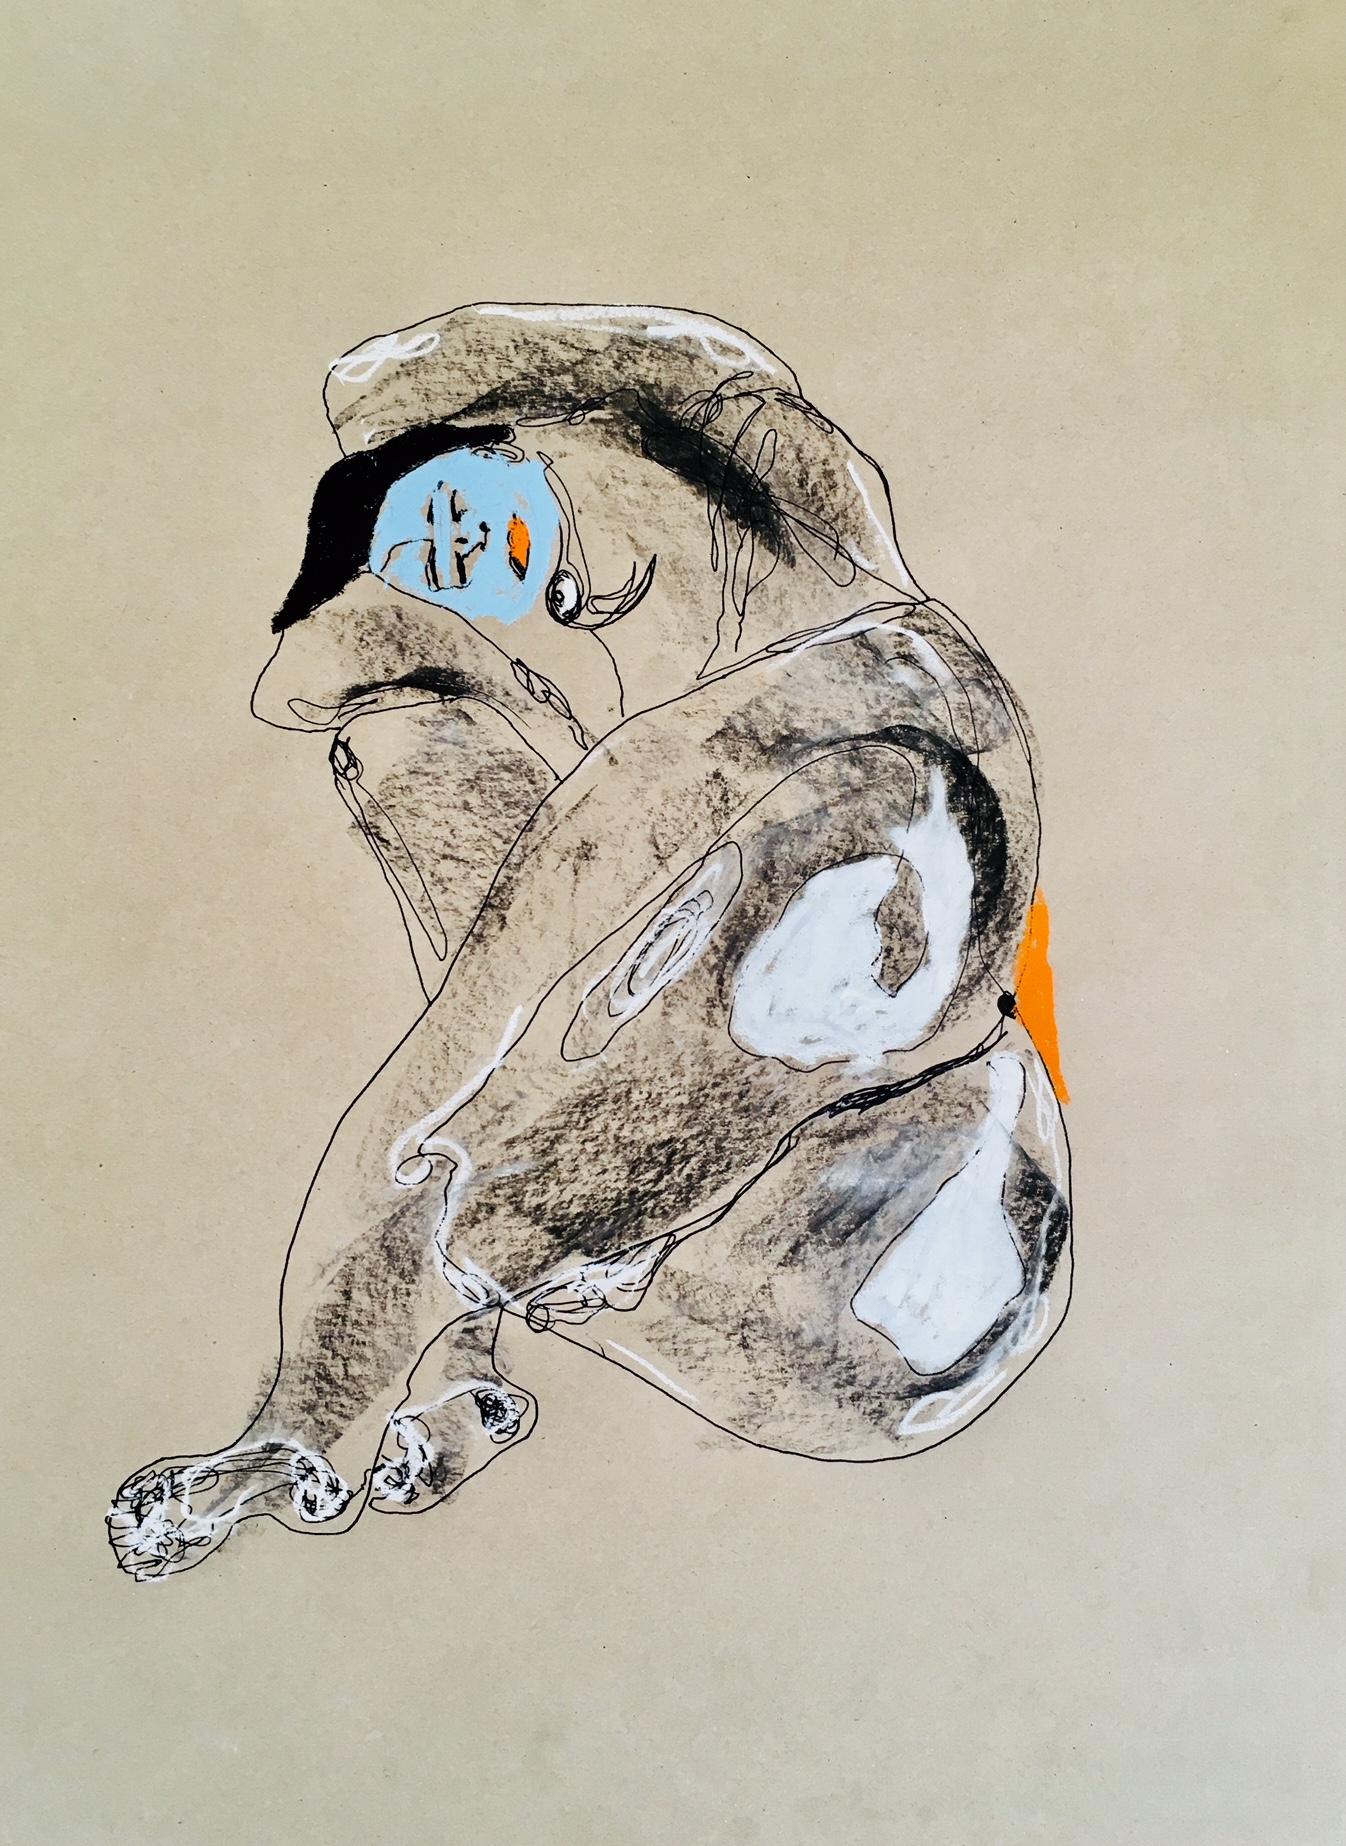 'Baby Blue' - 2018 59x42cm. charcoal/pastel/pen